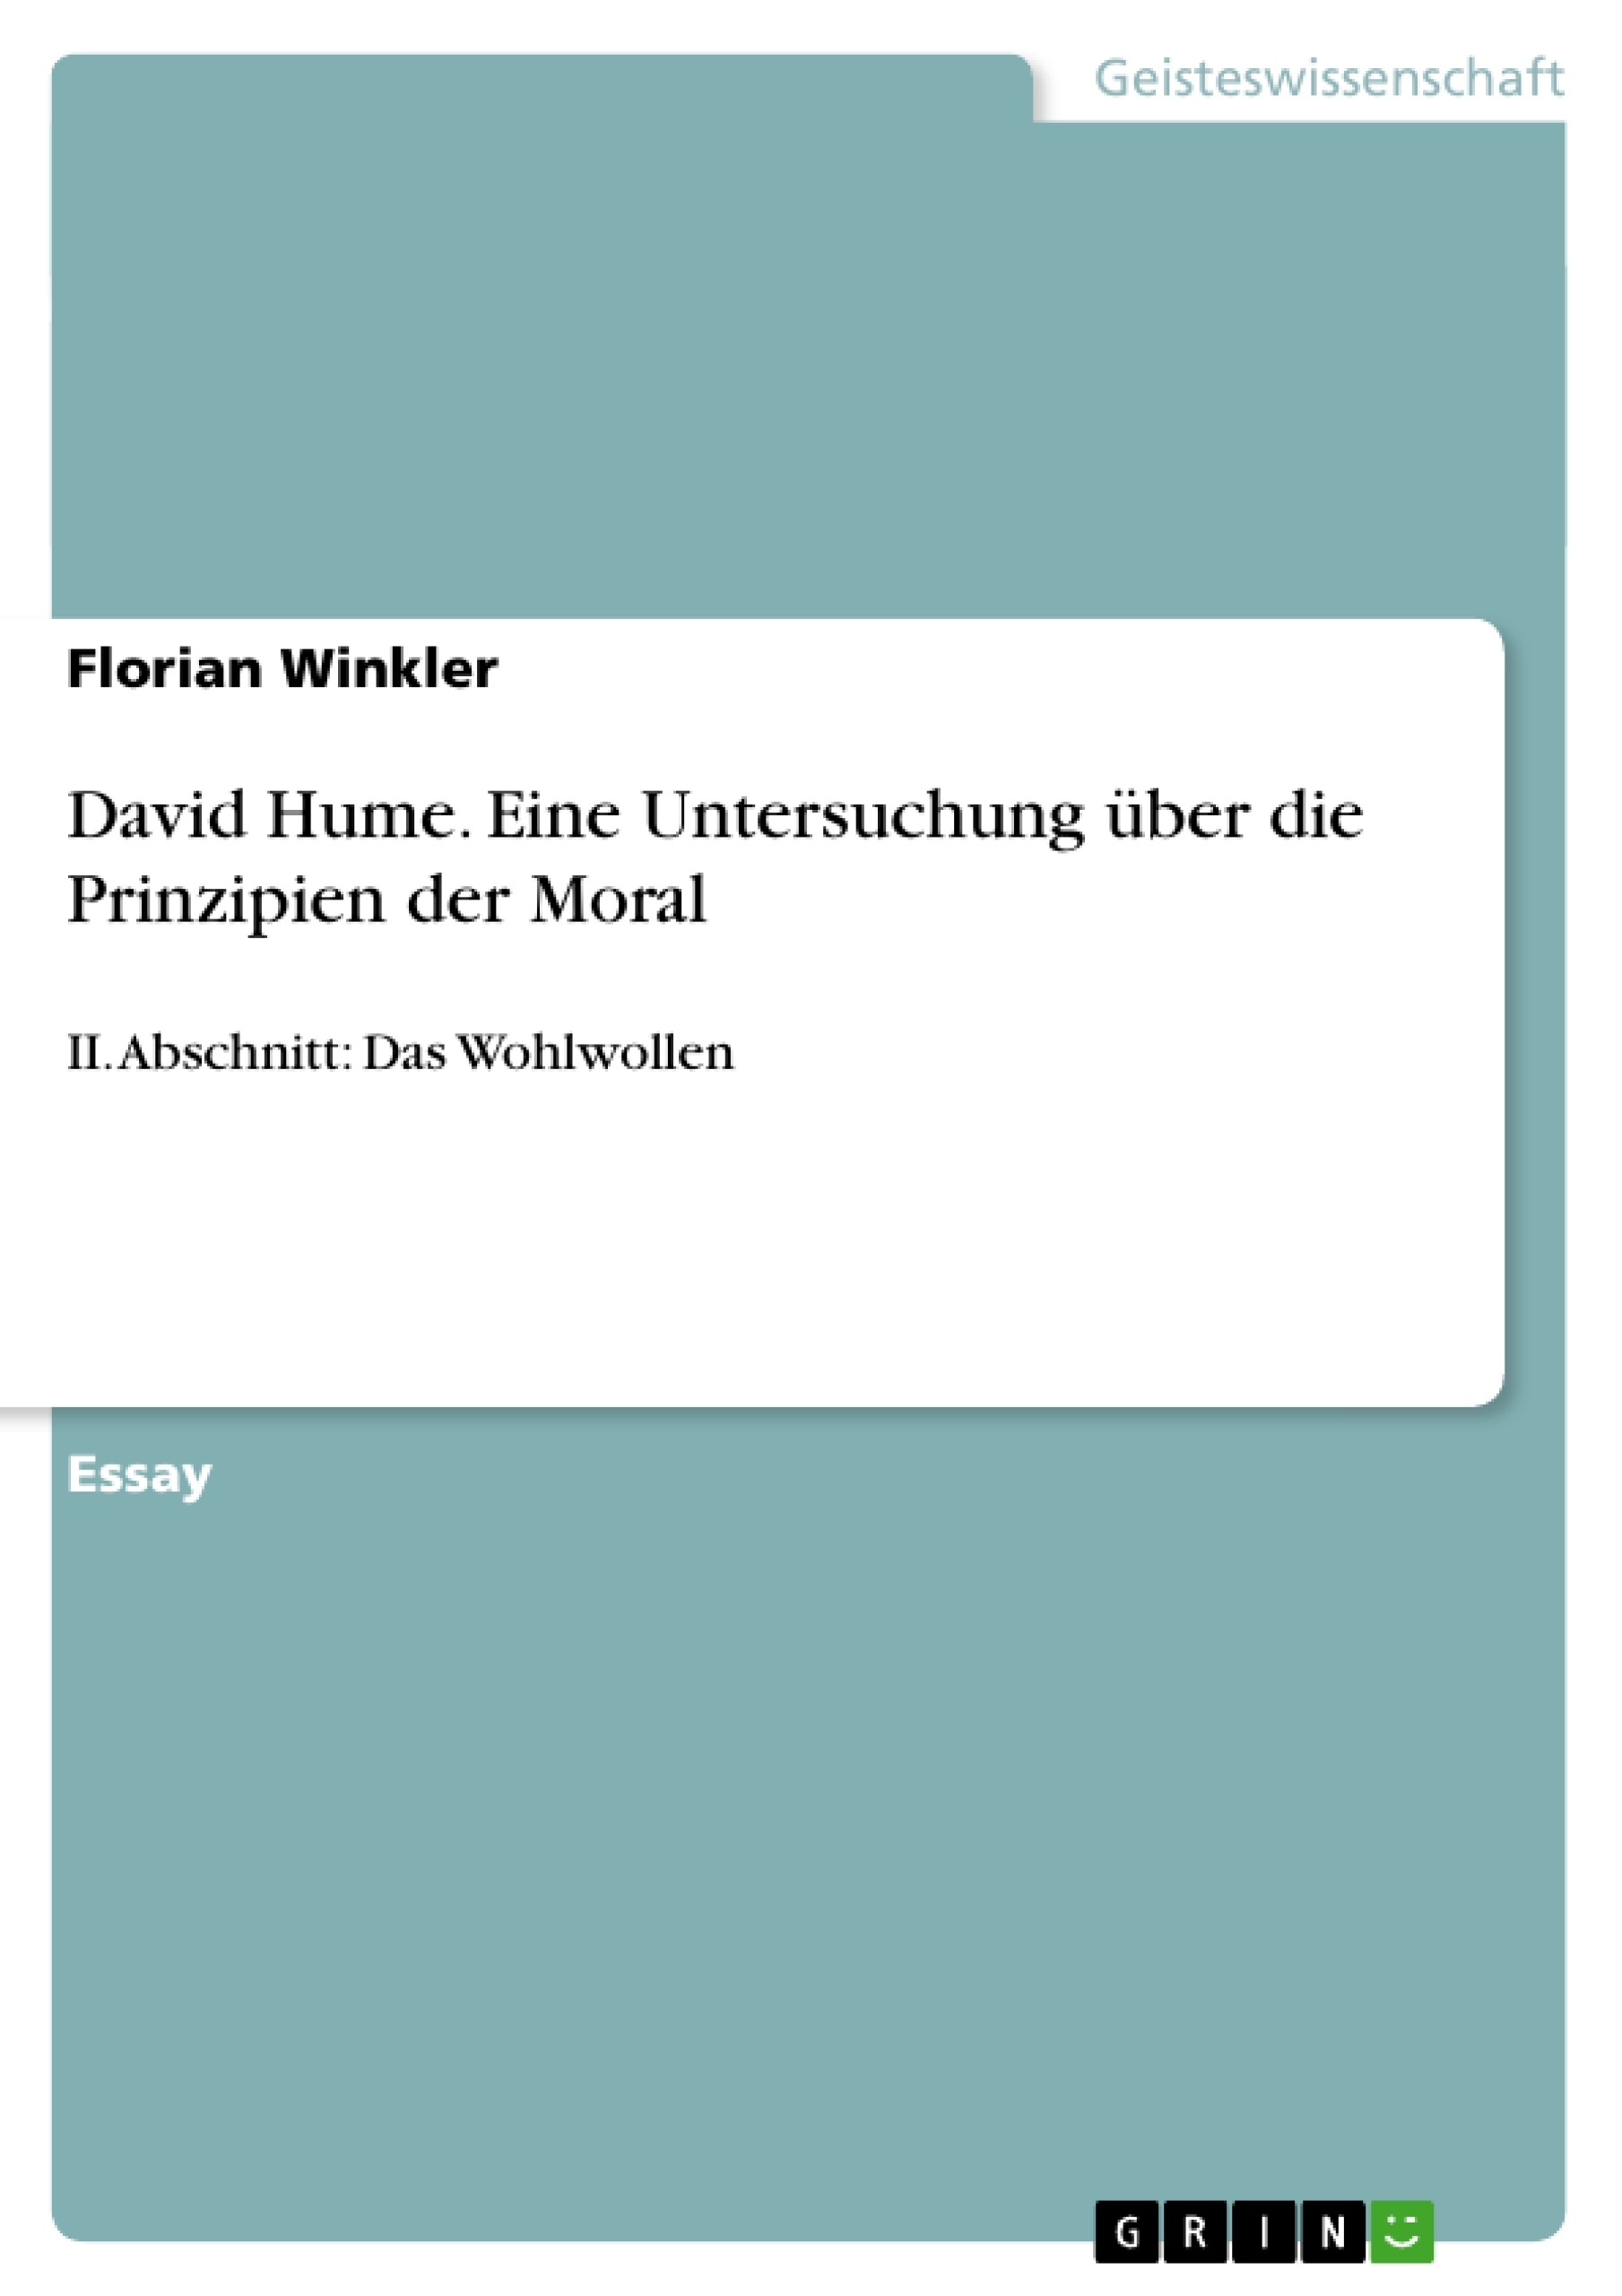 Titel: David Hume. Eine Untersuchung über die Prinzipien der Moral